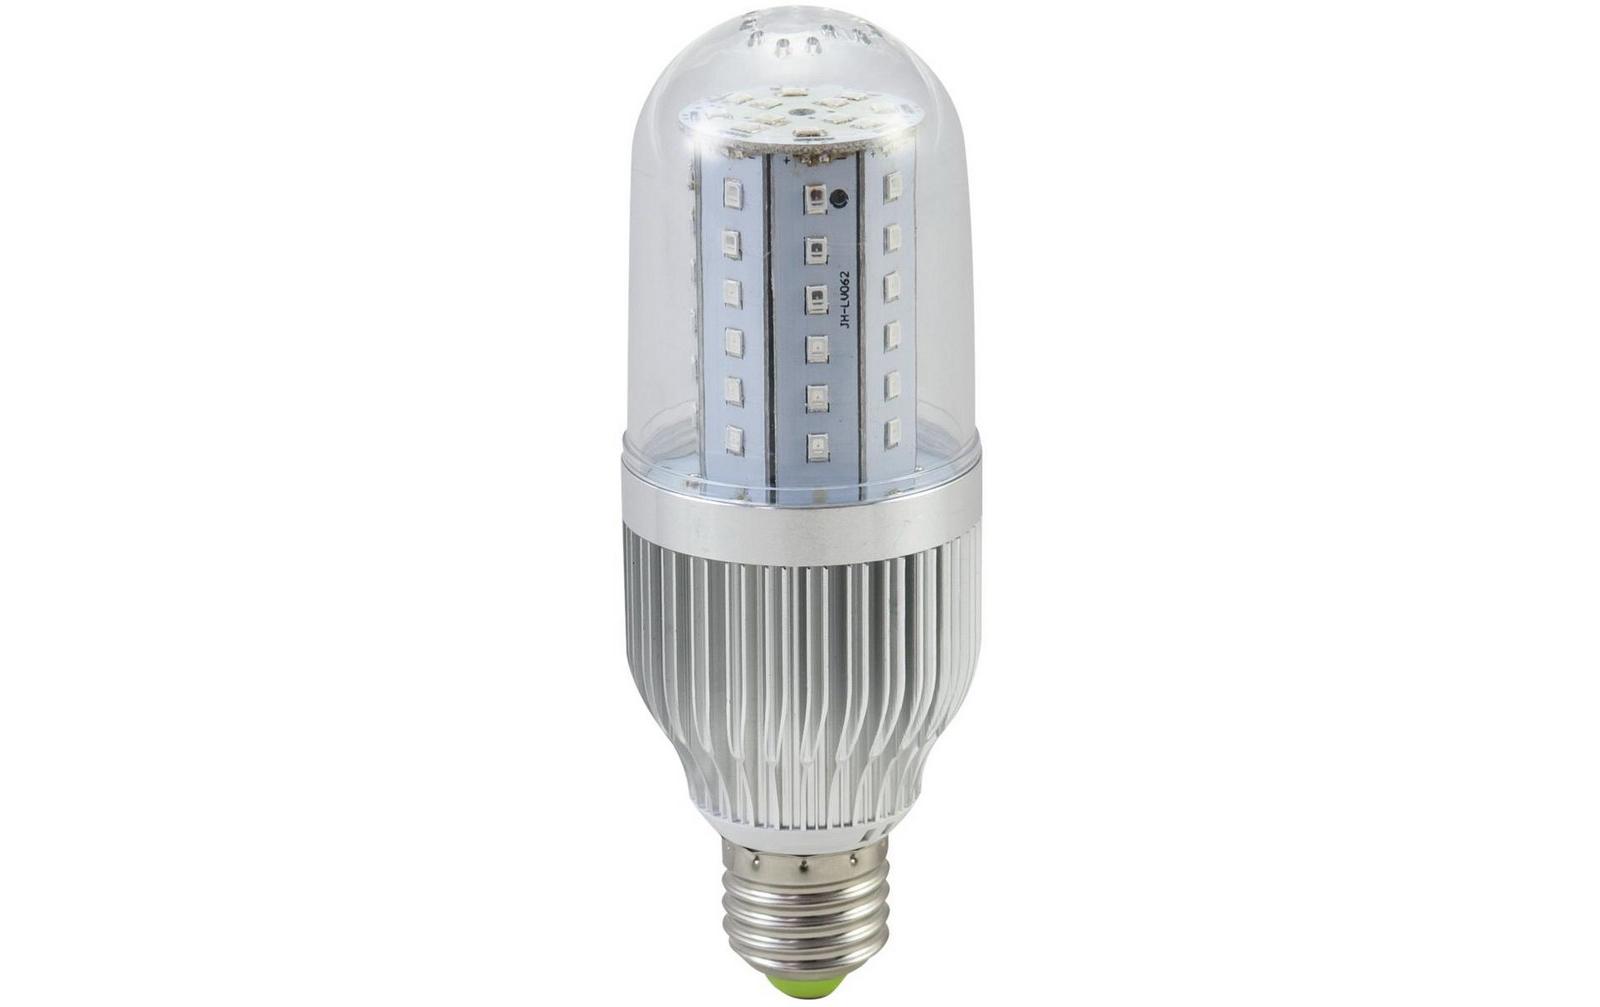 omnilux-led-e-27-230v-12w-60-leds-uv